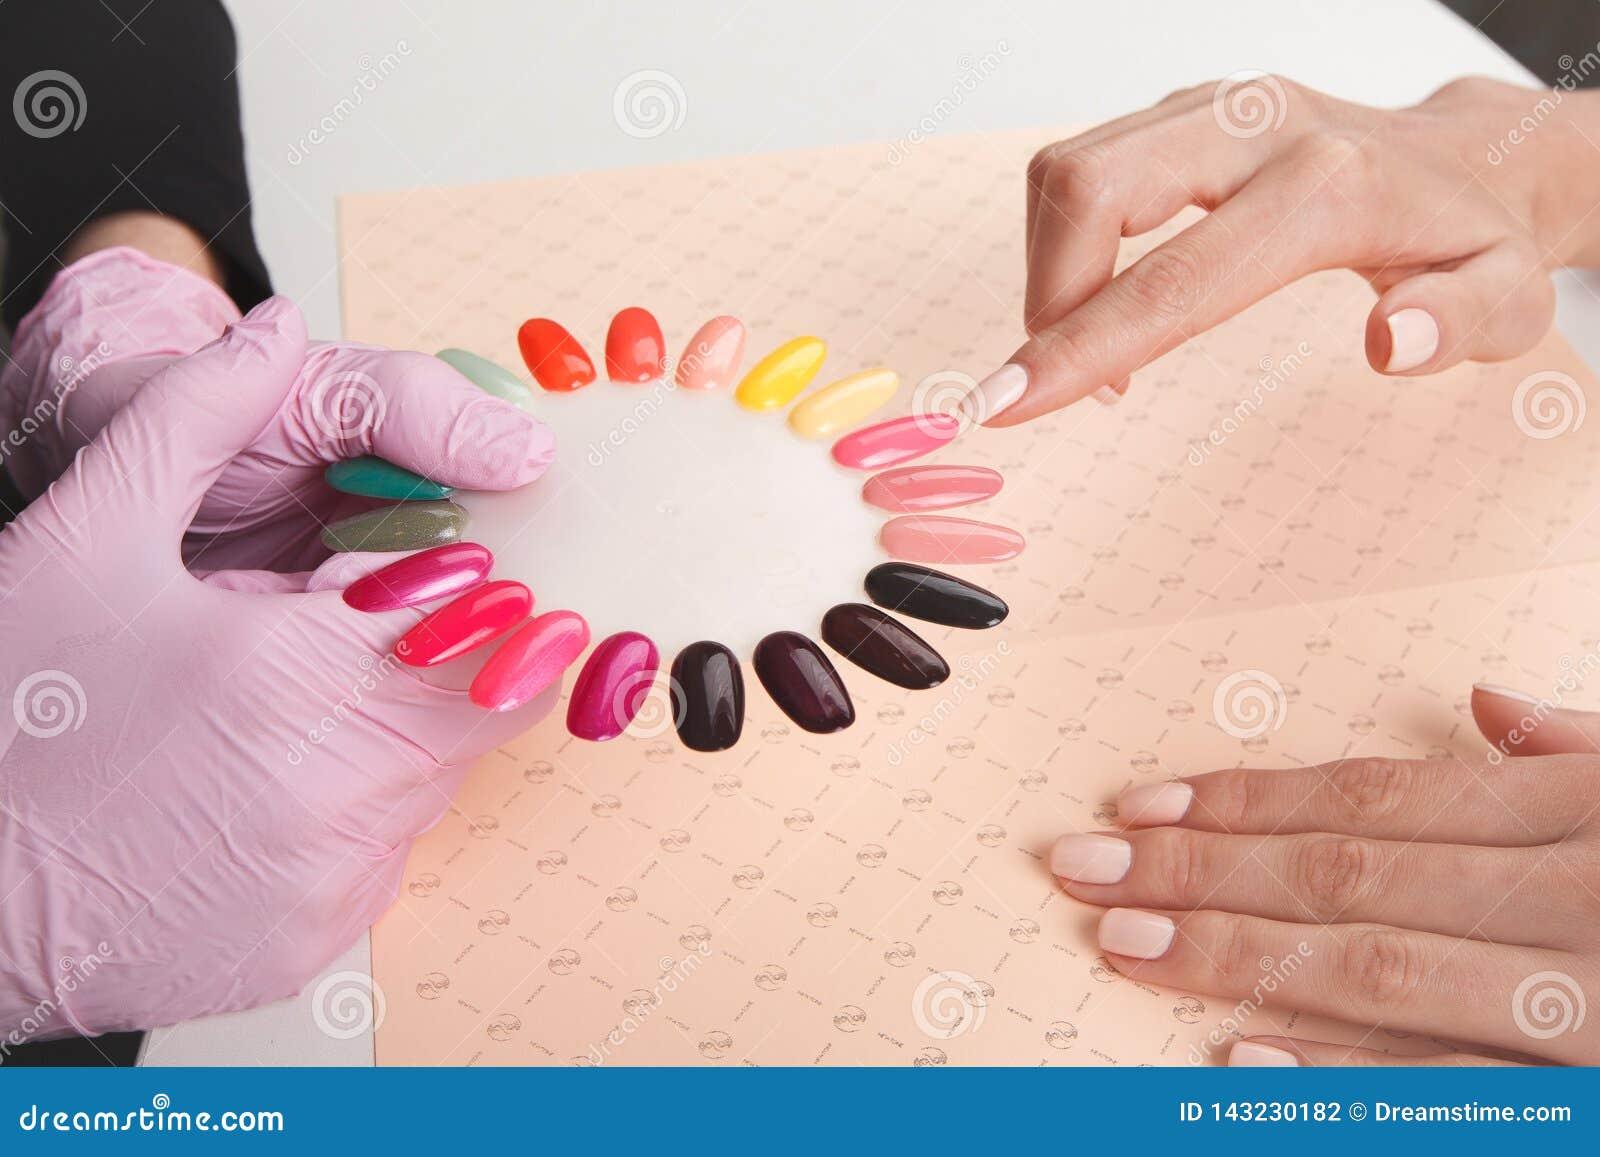 Muchacha hermosa elegir el color de esmaltes de uñas